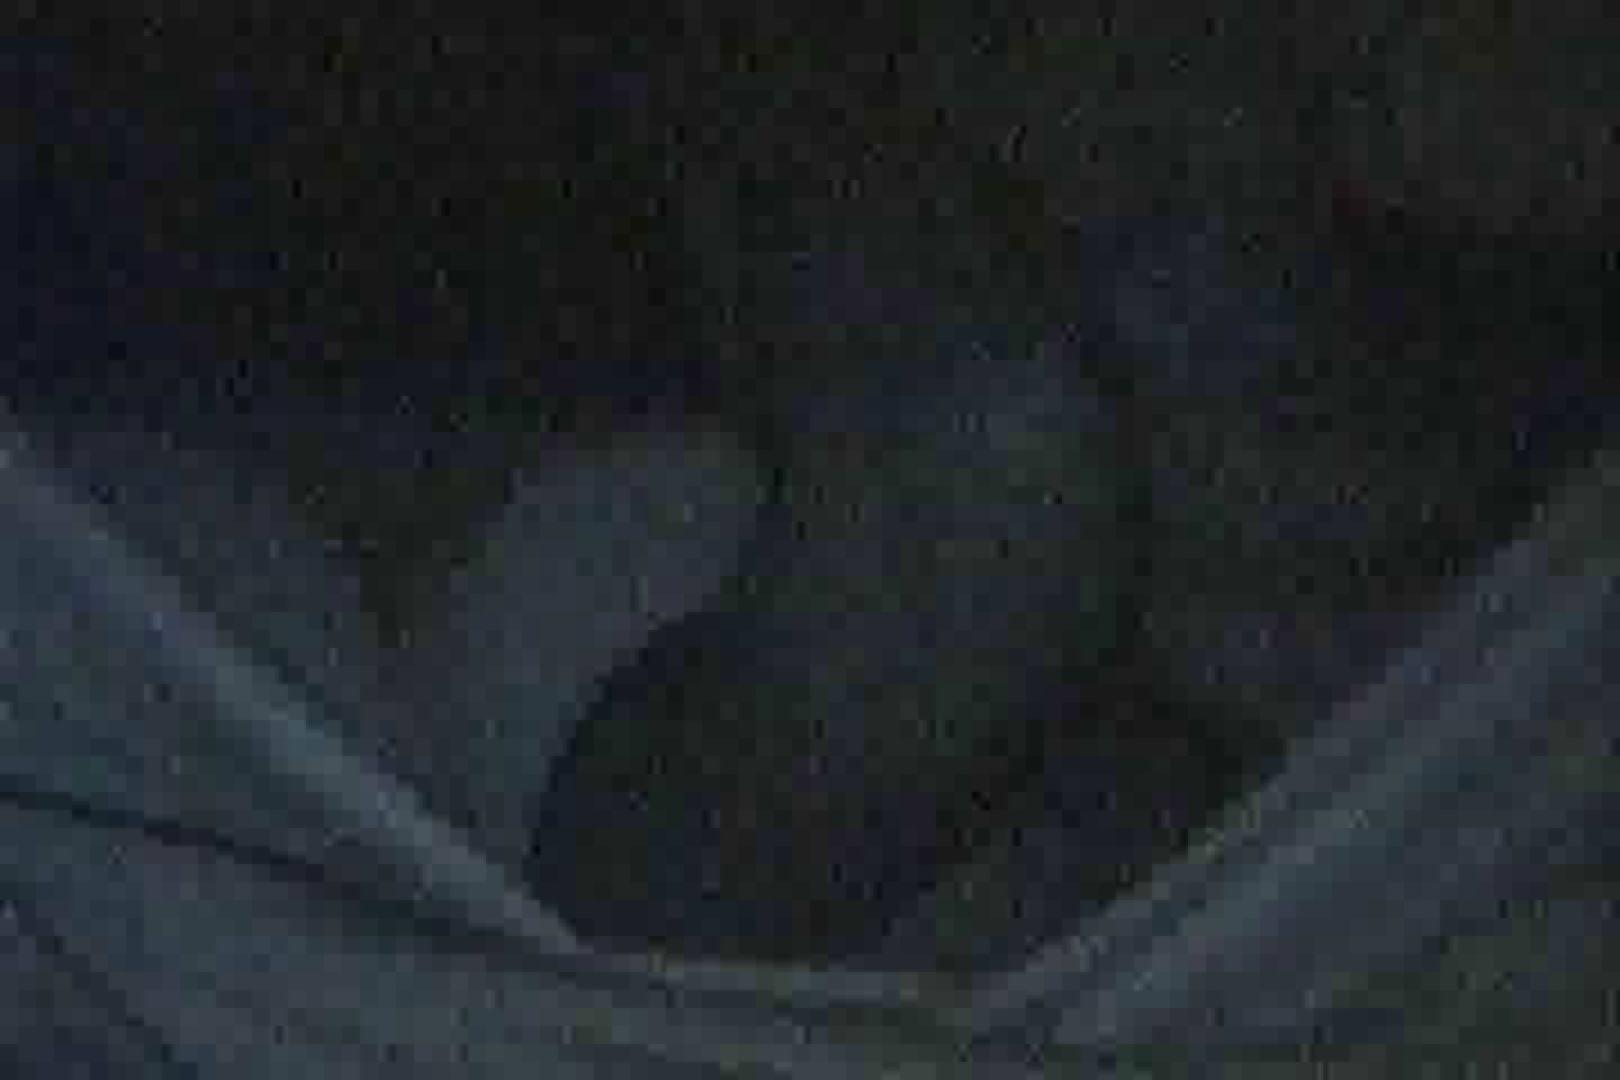 充血監督の深夜の運動会Vol.14 濃厚セックス オメコ動画キャプチャ 106PICs 64